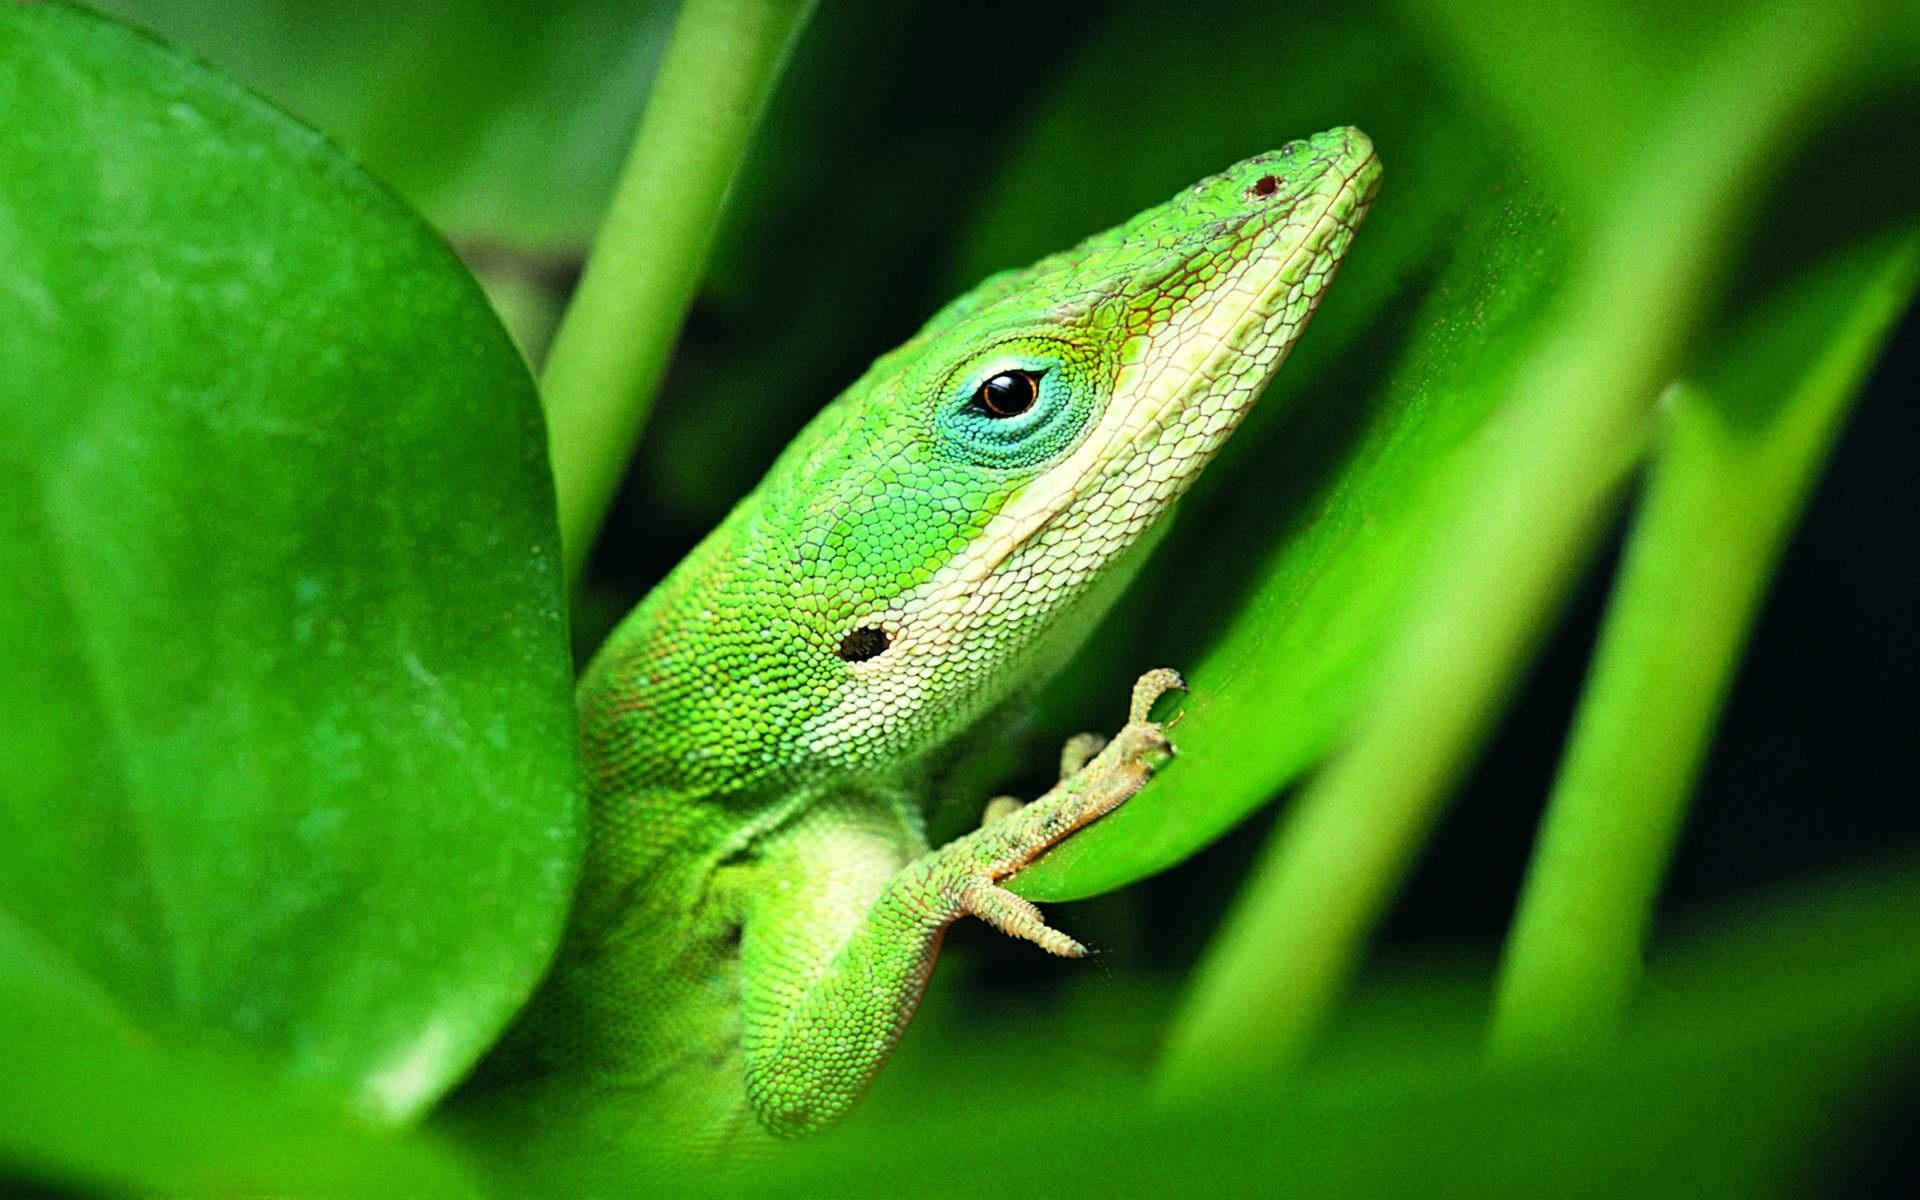 Зеленая ящерица в листьях загрузить